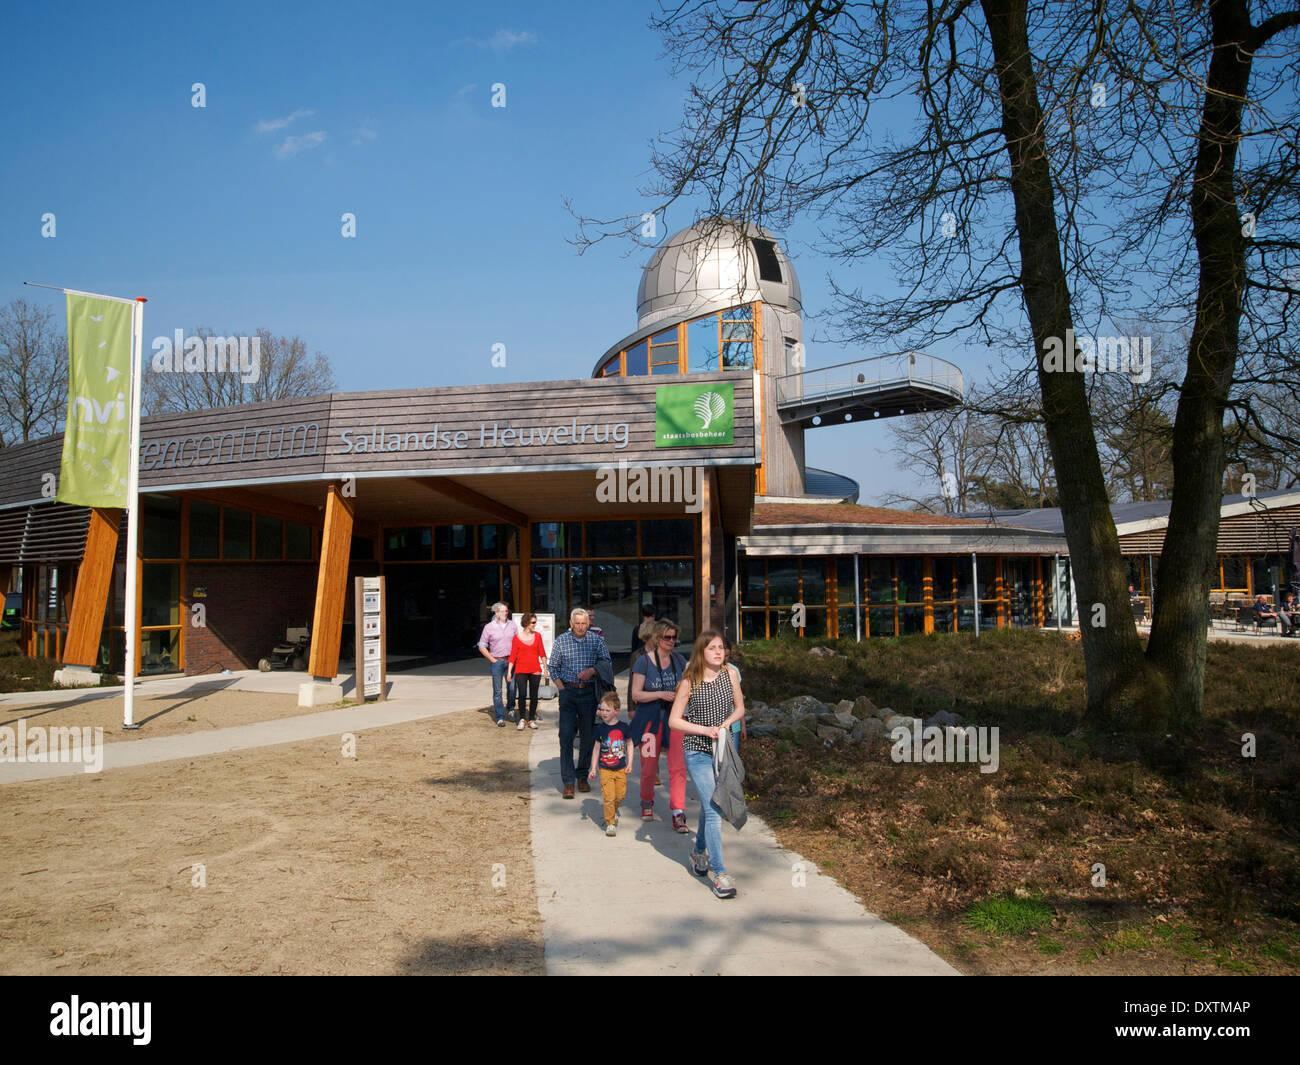 Sallandse Heuvelrug visitor center with observatory Nijverdal the Netherlands - Stock Image